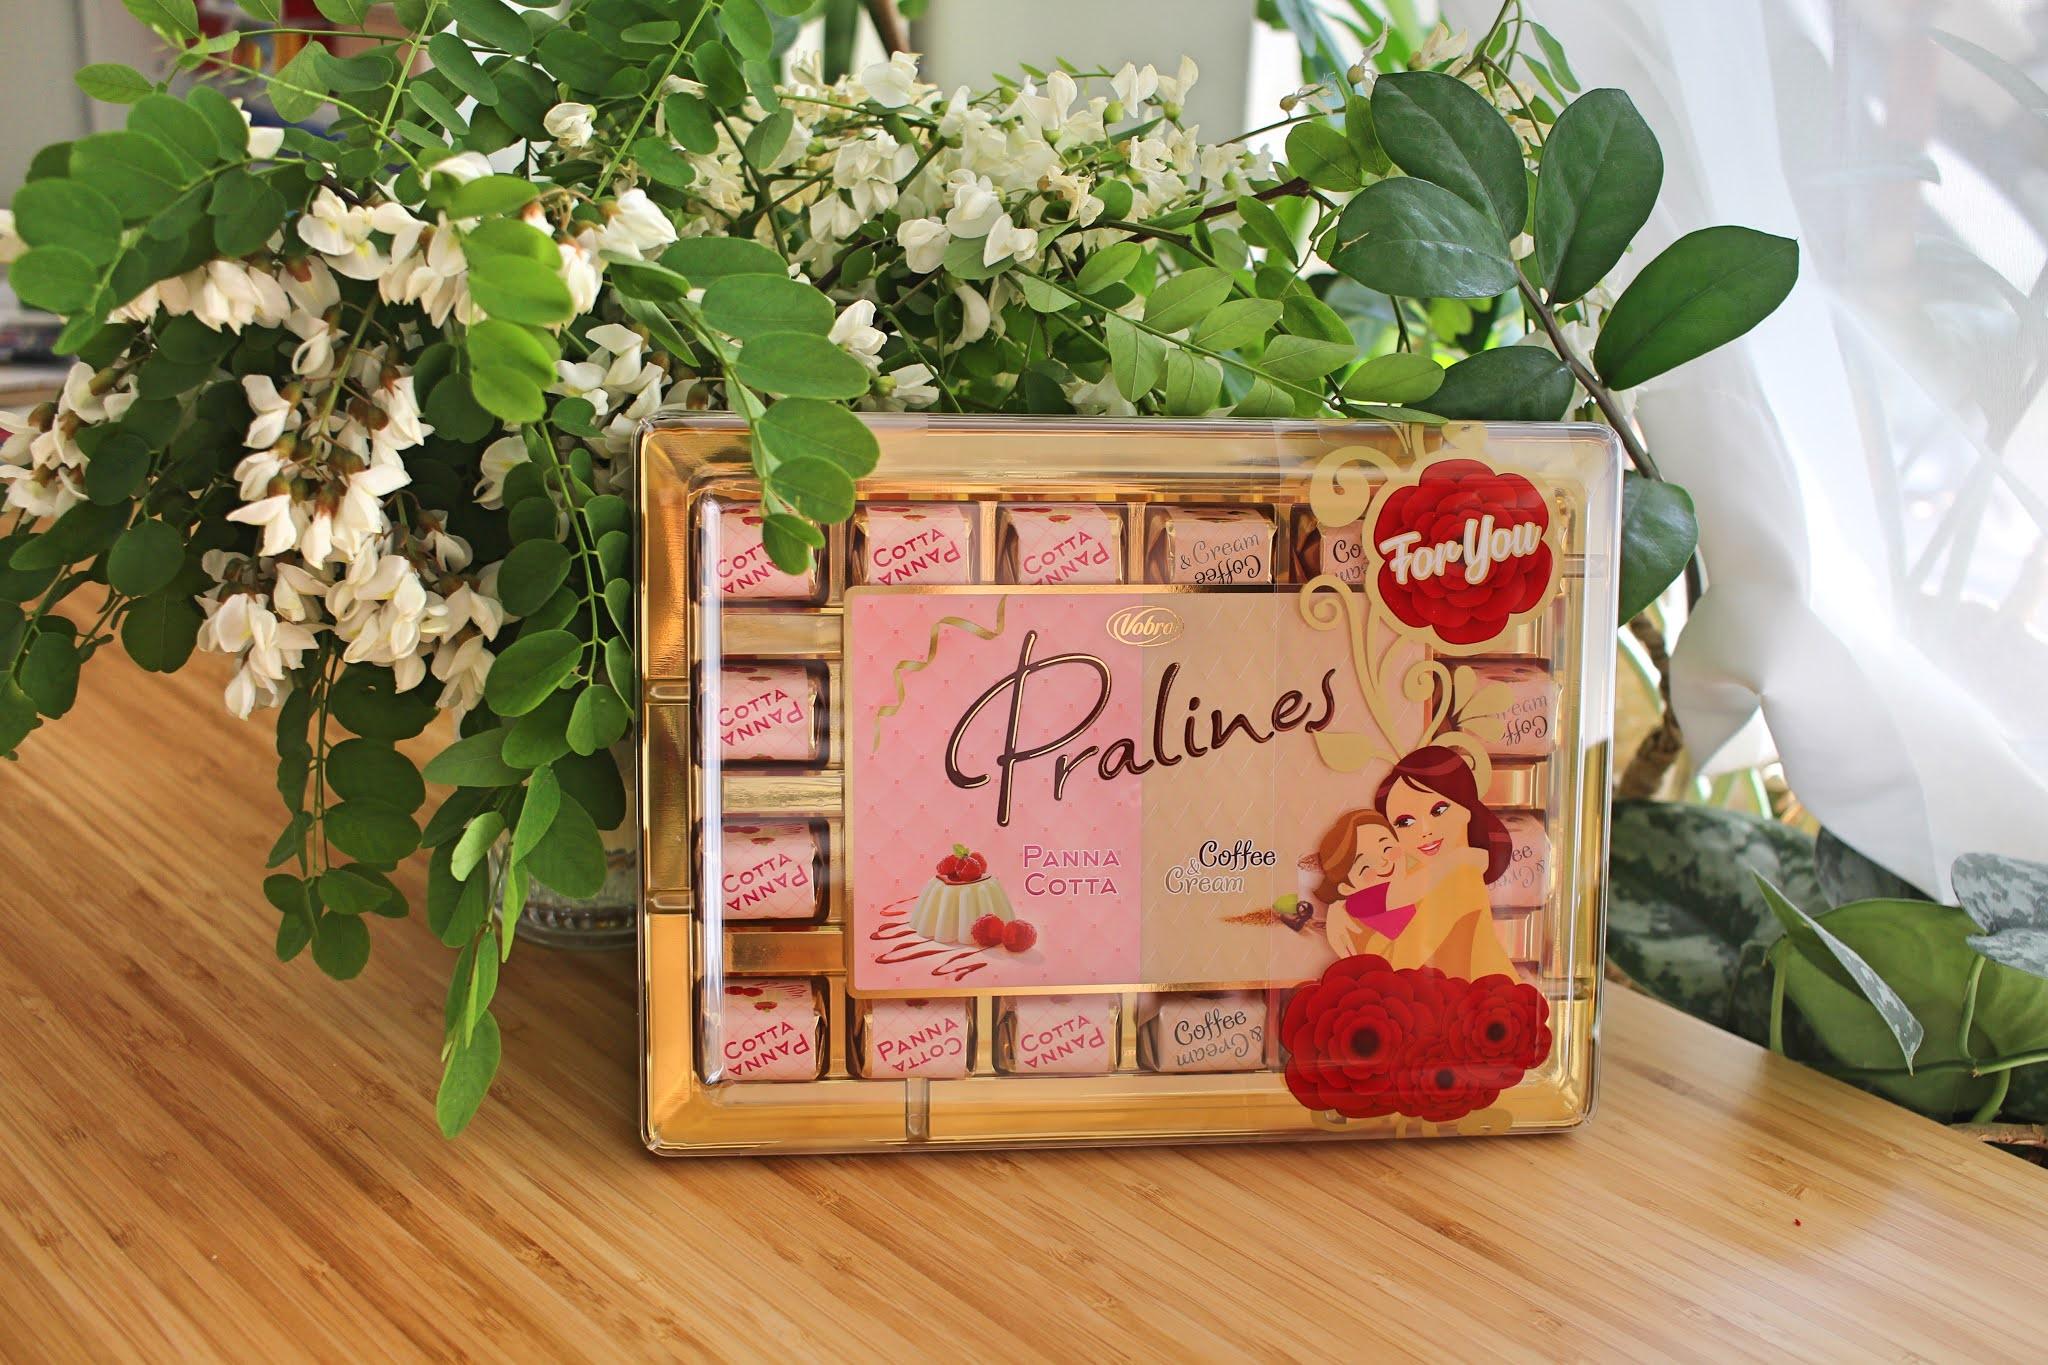 Vobro - Pralines Panna Cotta Coffee & Cream